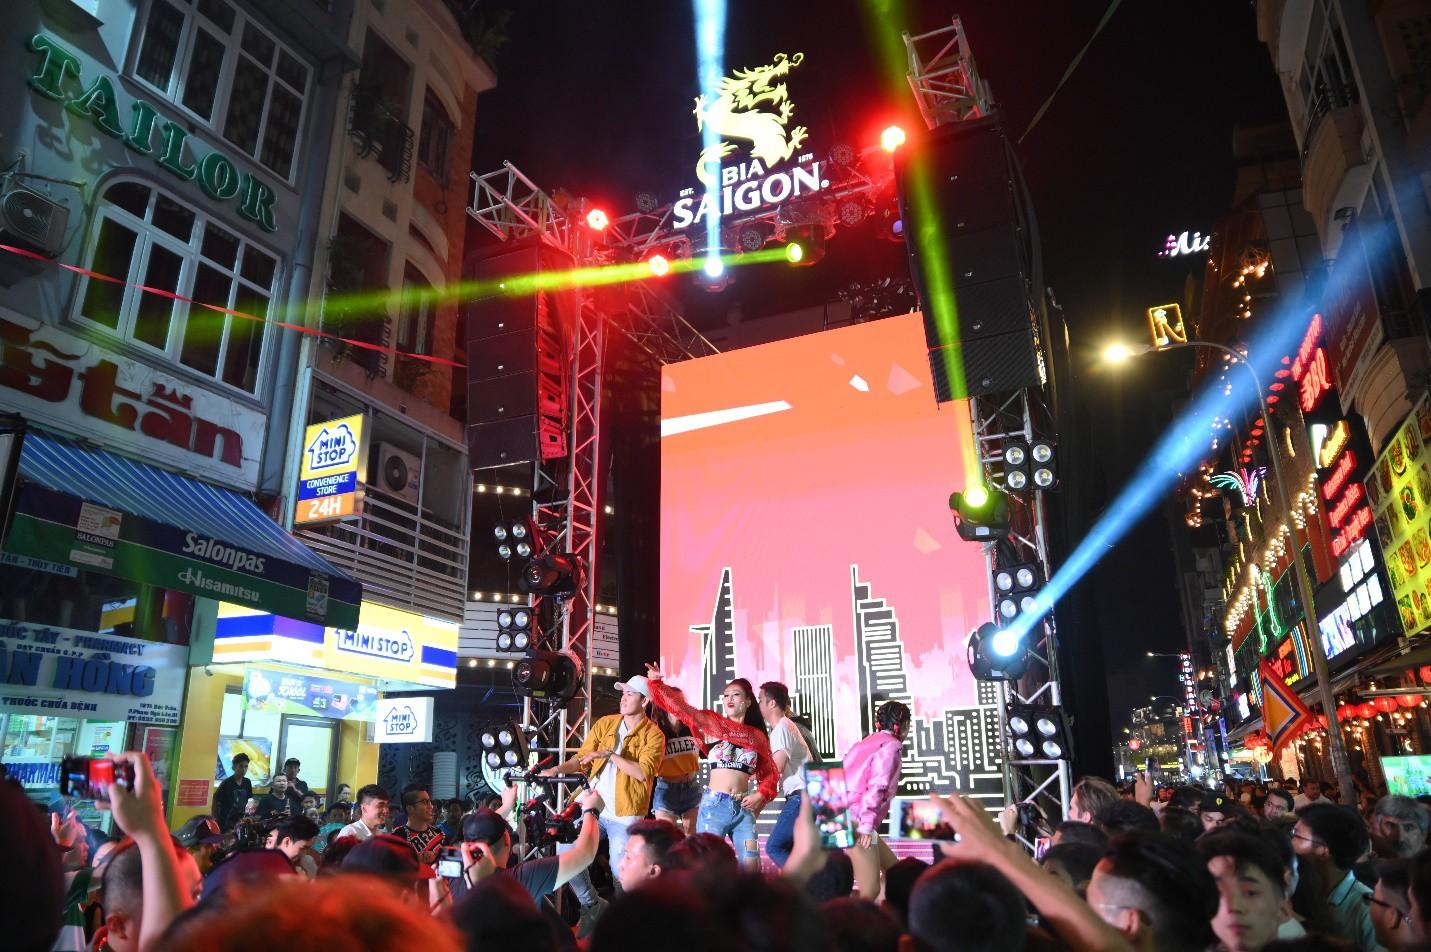 """Hàng nghìn bạn trẻ """"quẩy"""" hết mình tại sự kiện hoành tráng nhất tháng 8 mang tên """"Đêm Sài Gòn"""" - Ảnh 9."""